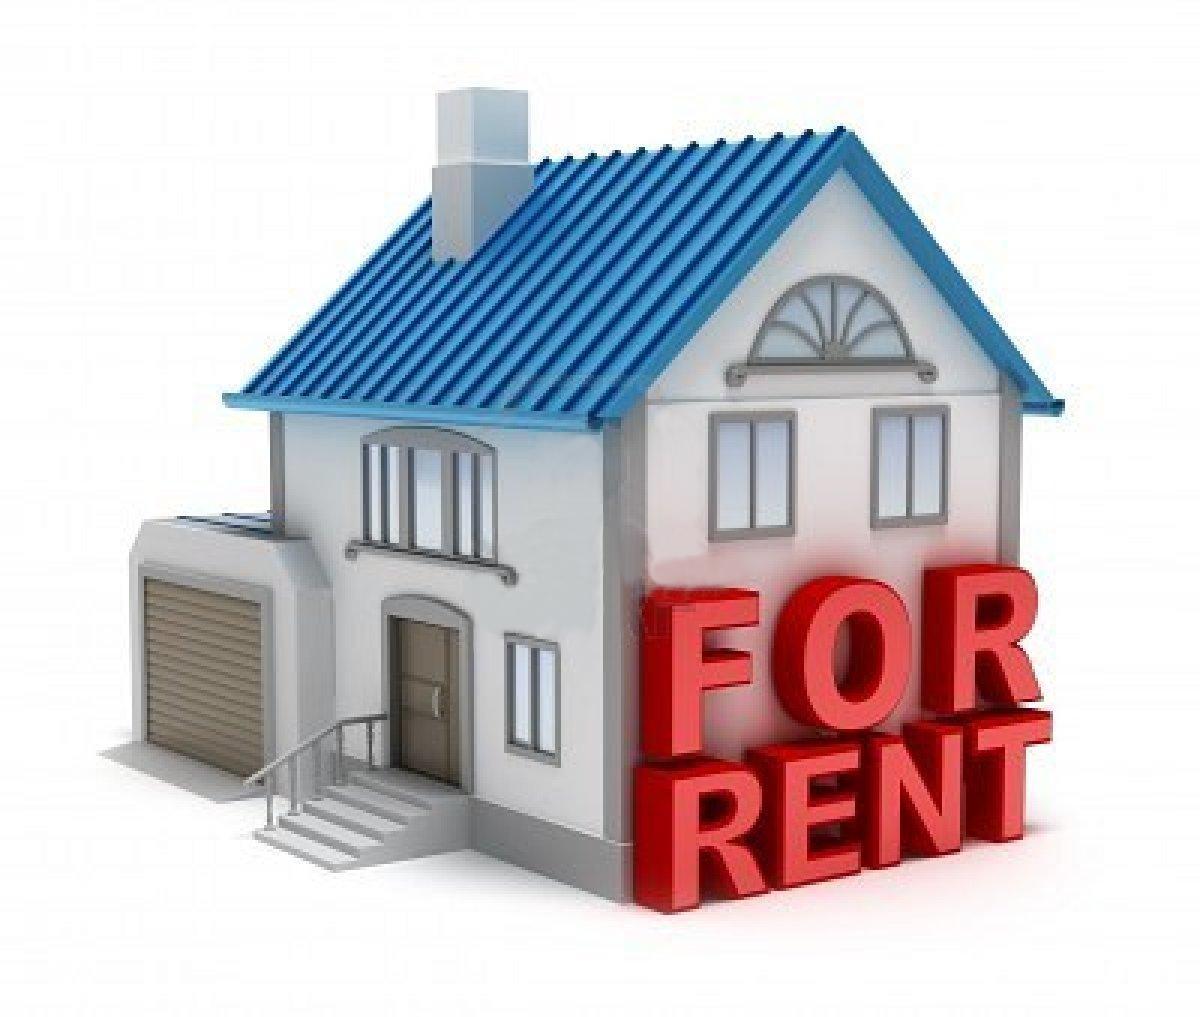 Giải quyết tranh chấp hợp đồng thuê nhà tại cơ quan nào?